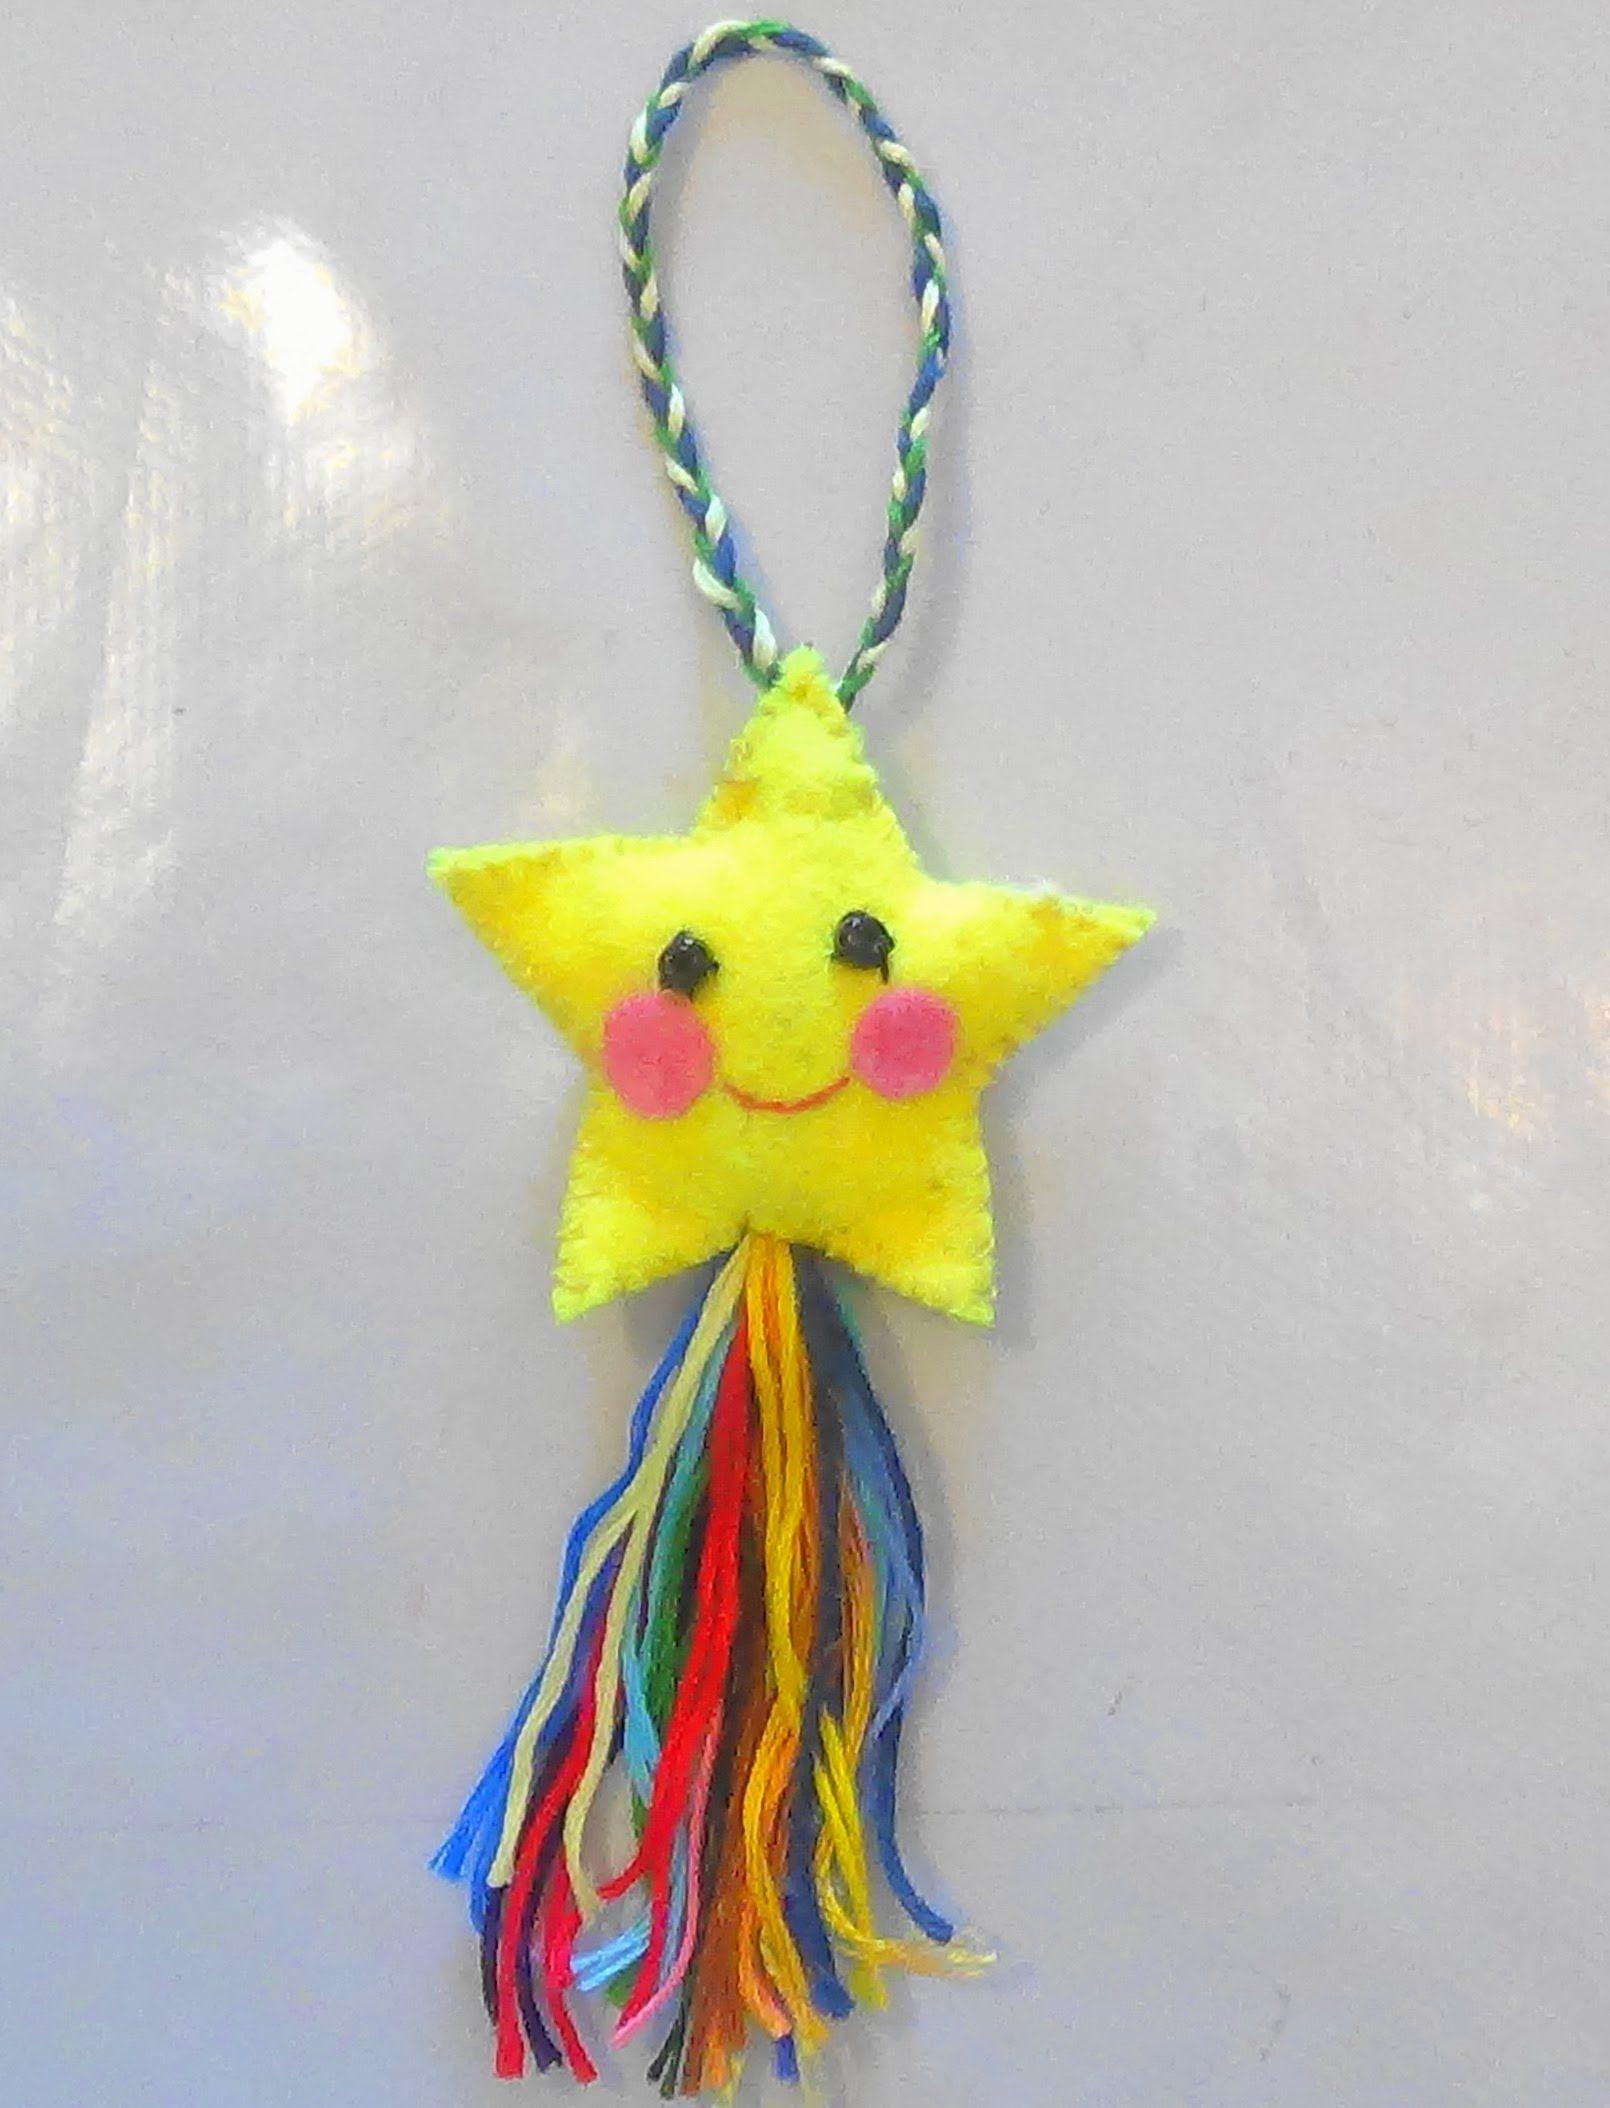 Tuto activit pour enfants fabriquer un gri gri porte bonheur activit pour enfants - Porte bonheur pour voiture ...